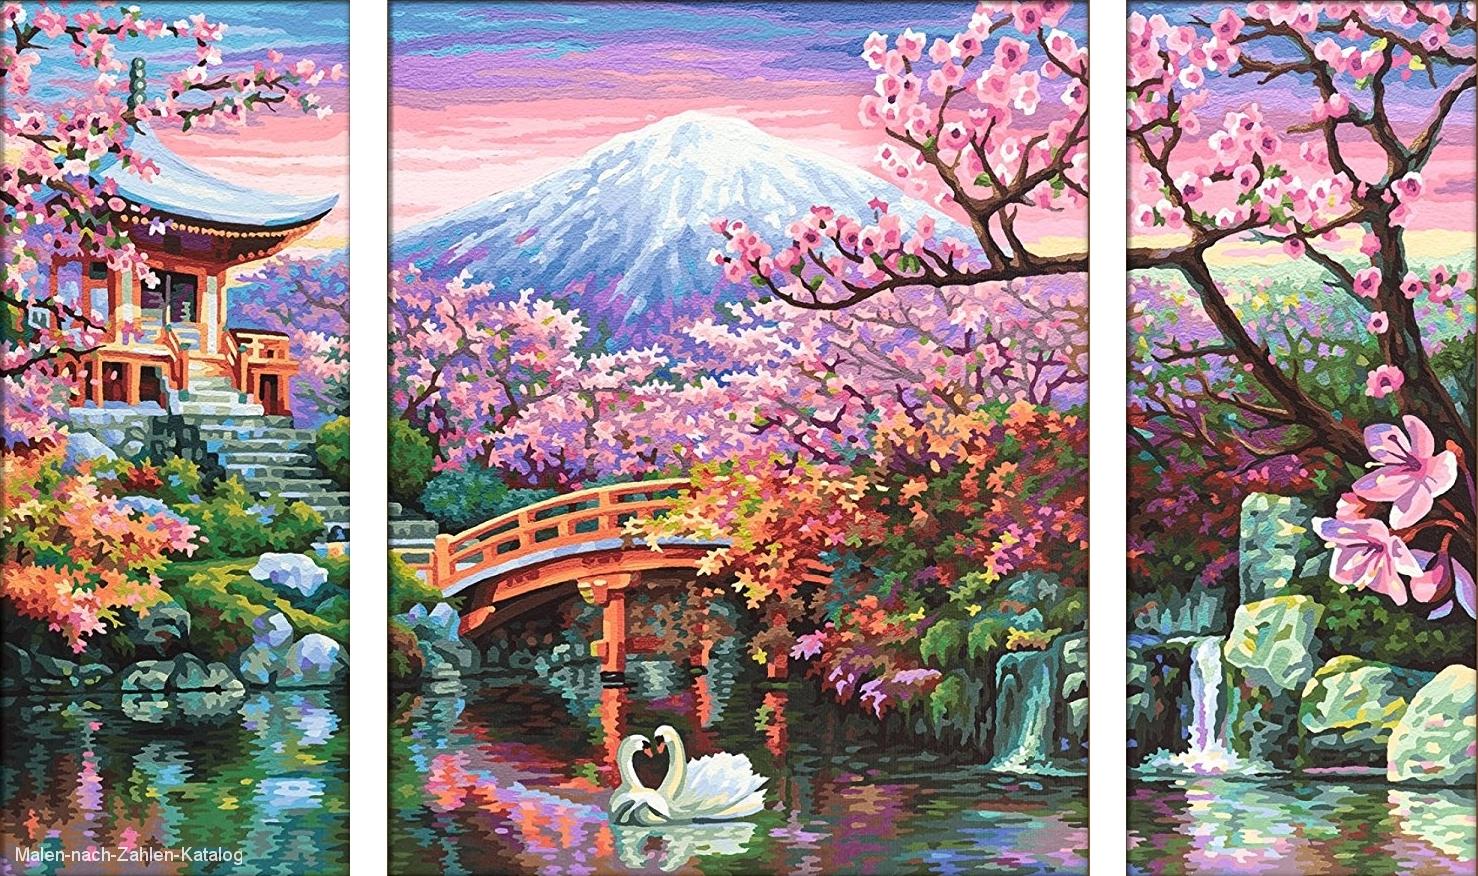 Schipper Malen nach Zahlen Triptychon 80x50cm Kirschblüte in Japan